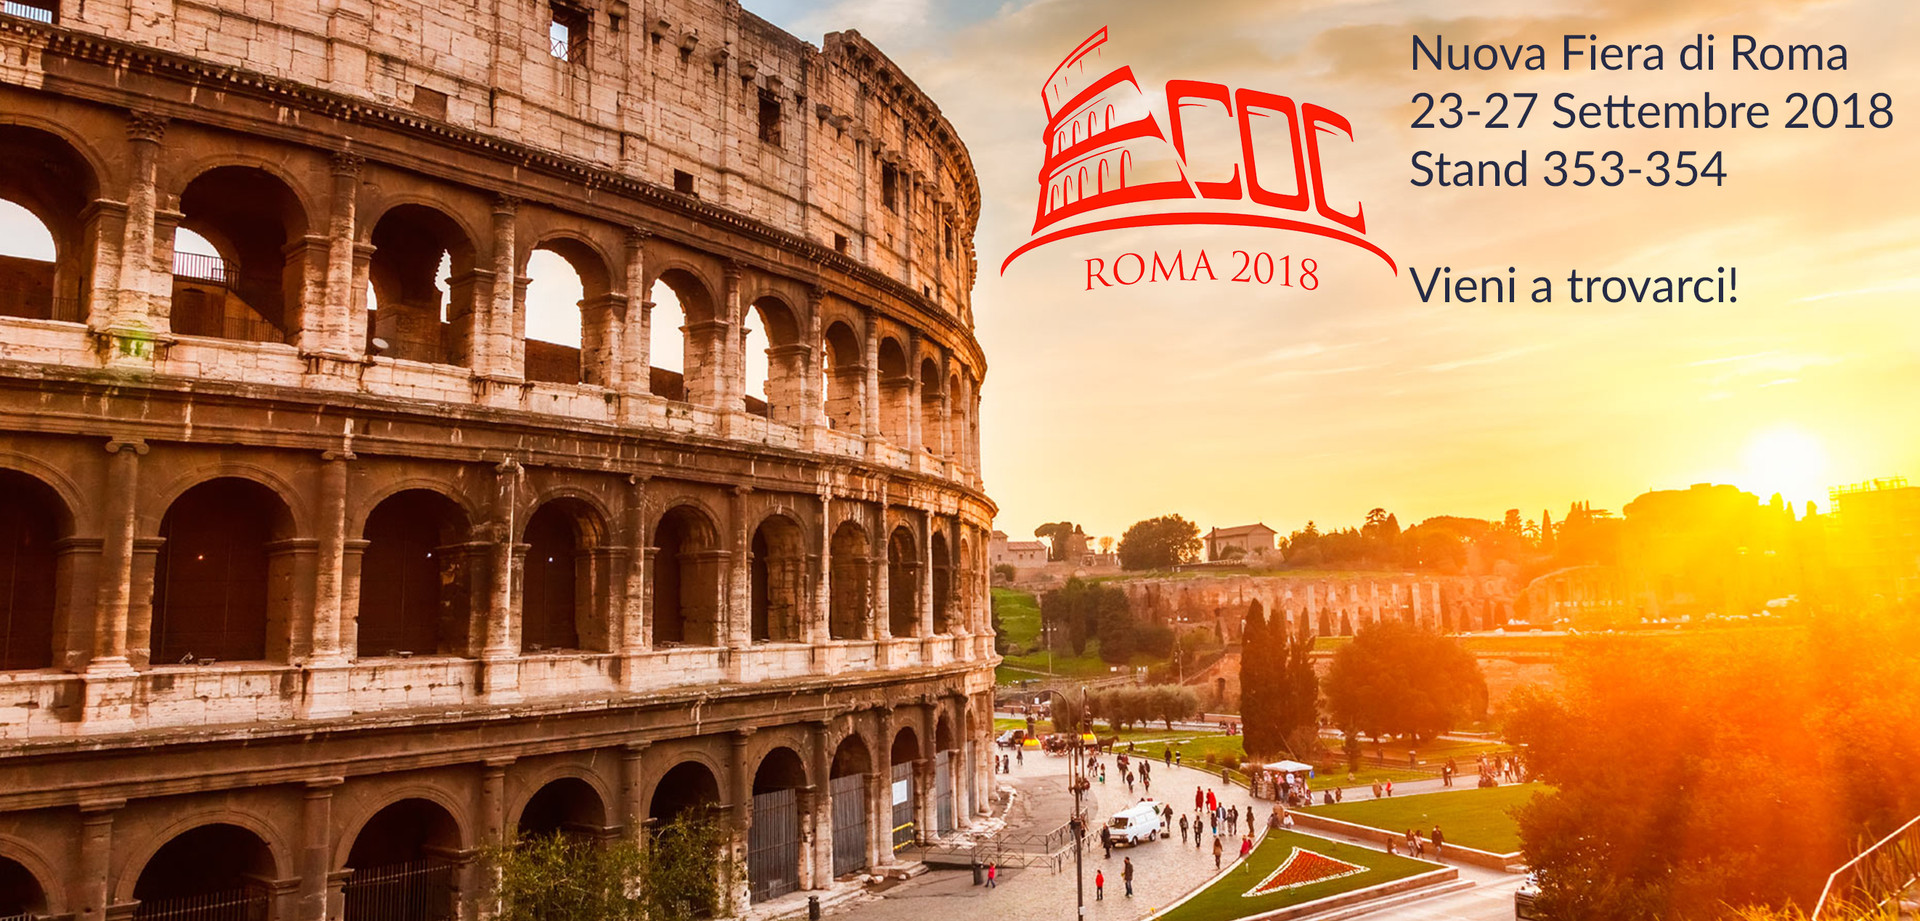 roma ecoc 2018